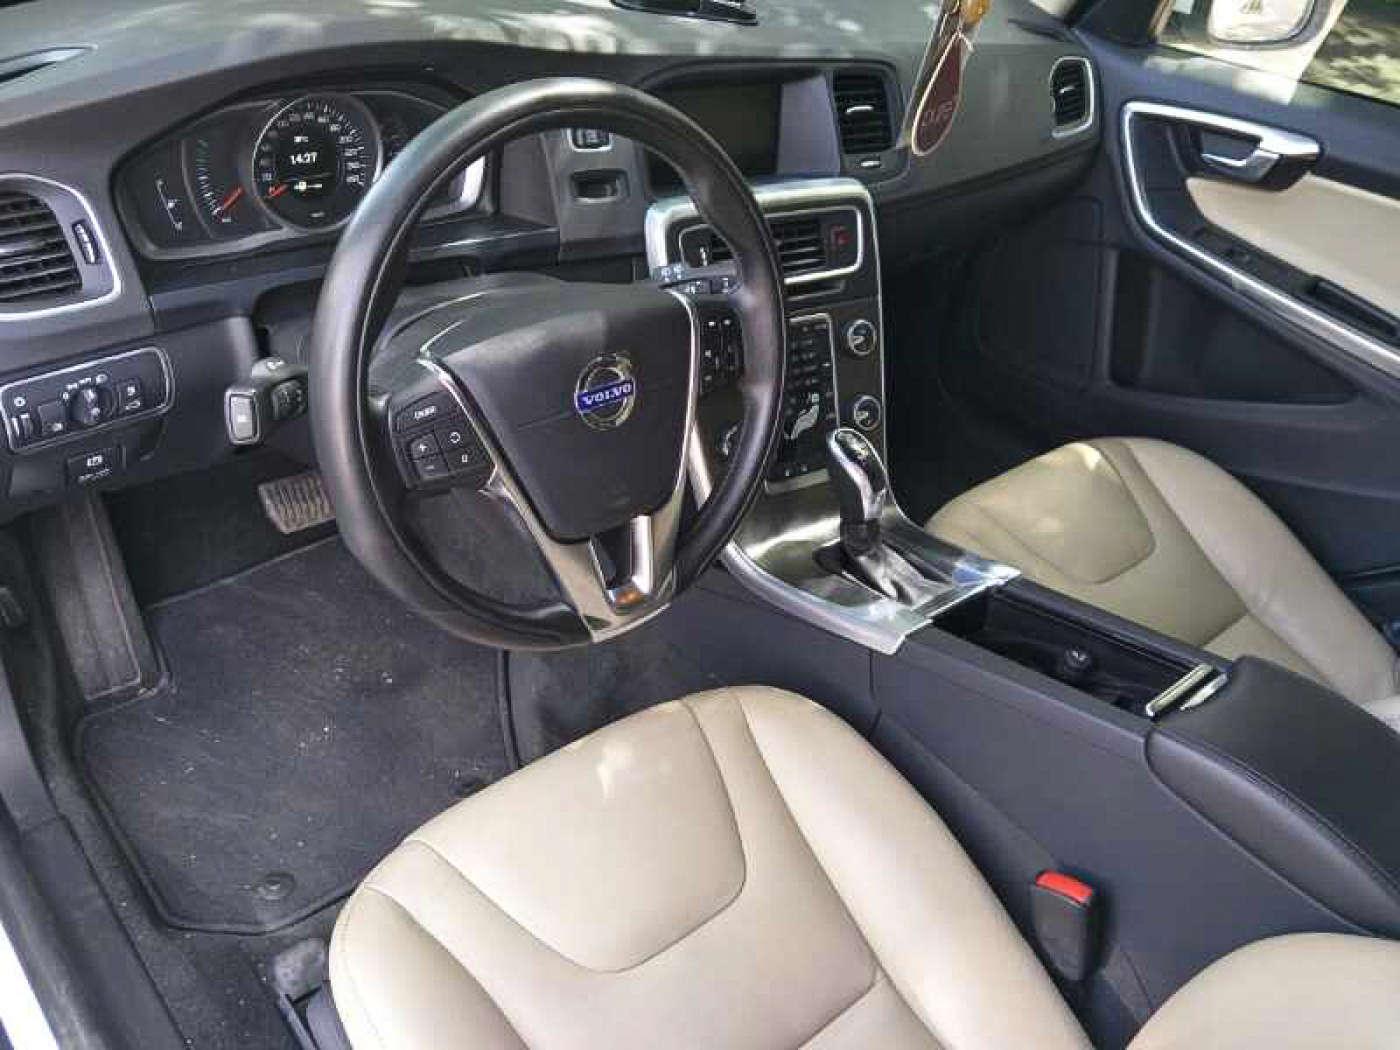 2014年09月 沃尔沃V60 2014款 改款 2.0T T5 智逸版|甄选沃尔沃-北京卡斯基汽车服务有限公司